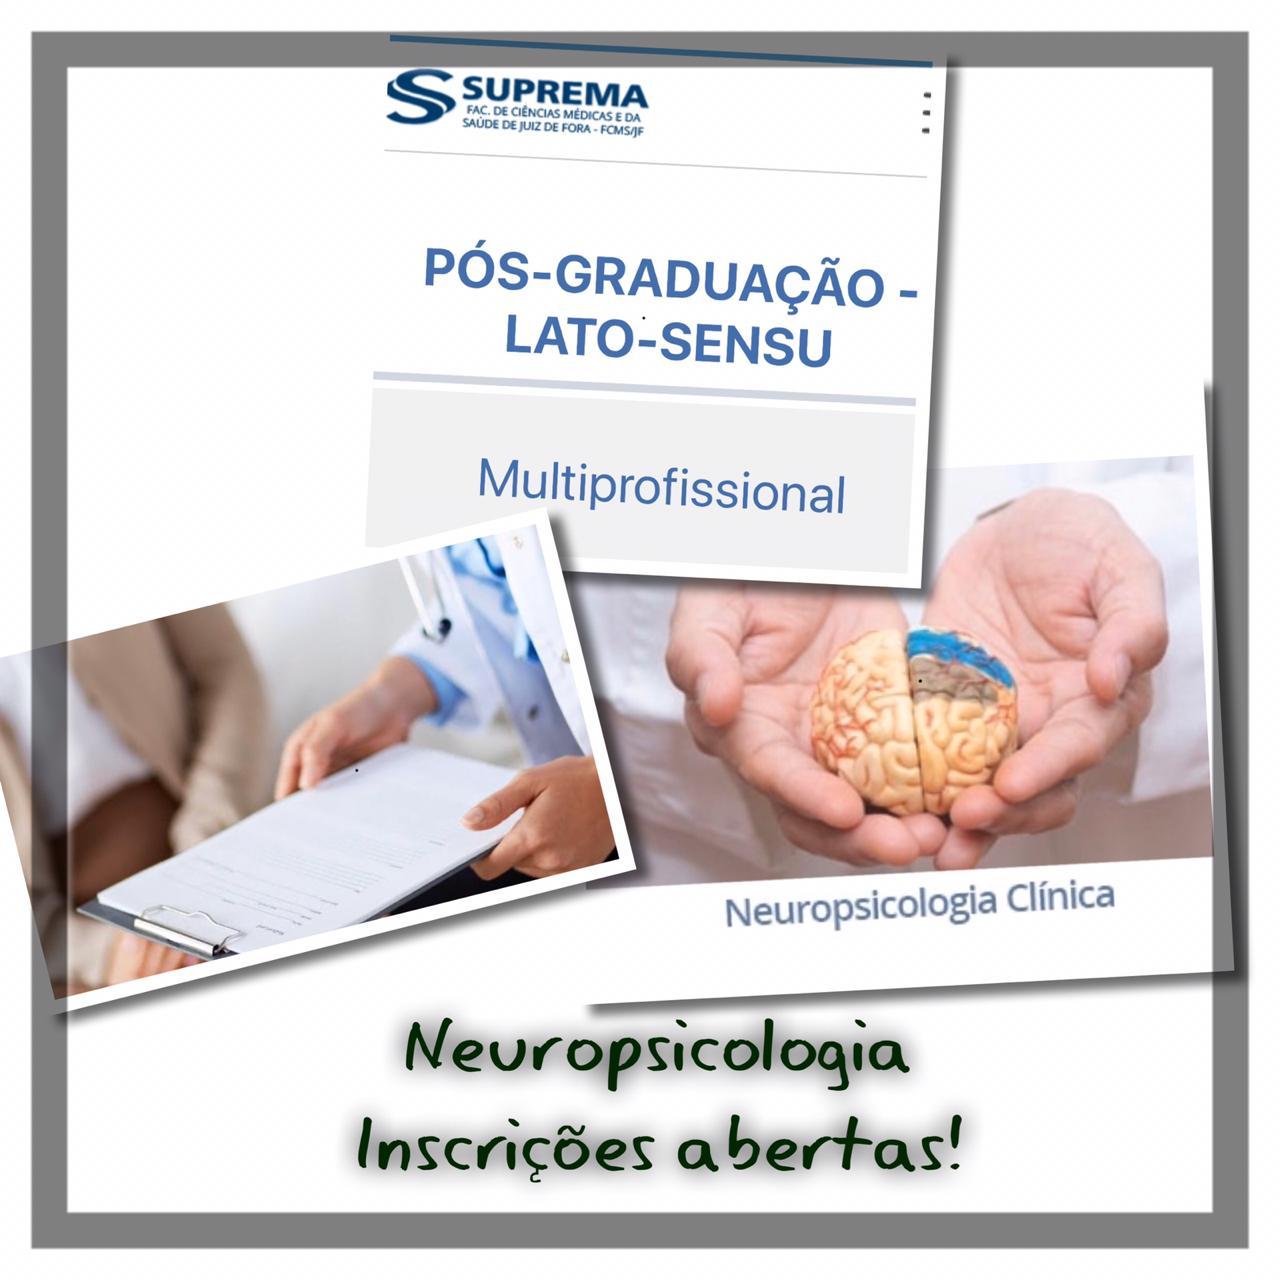 Pós-Graduação em Neuropsicologia Clínica